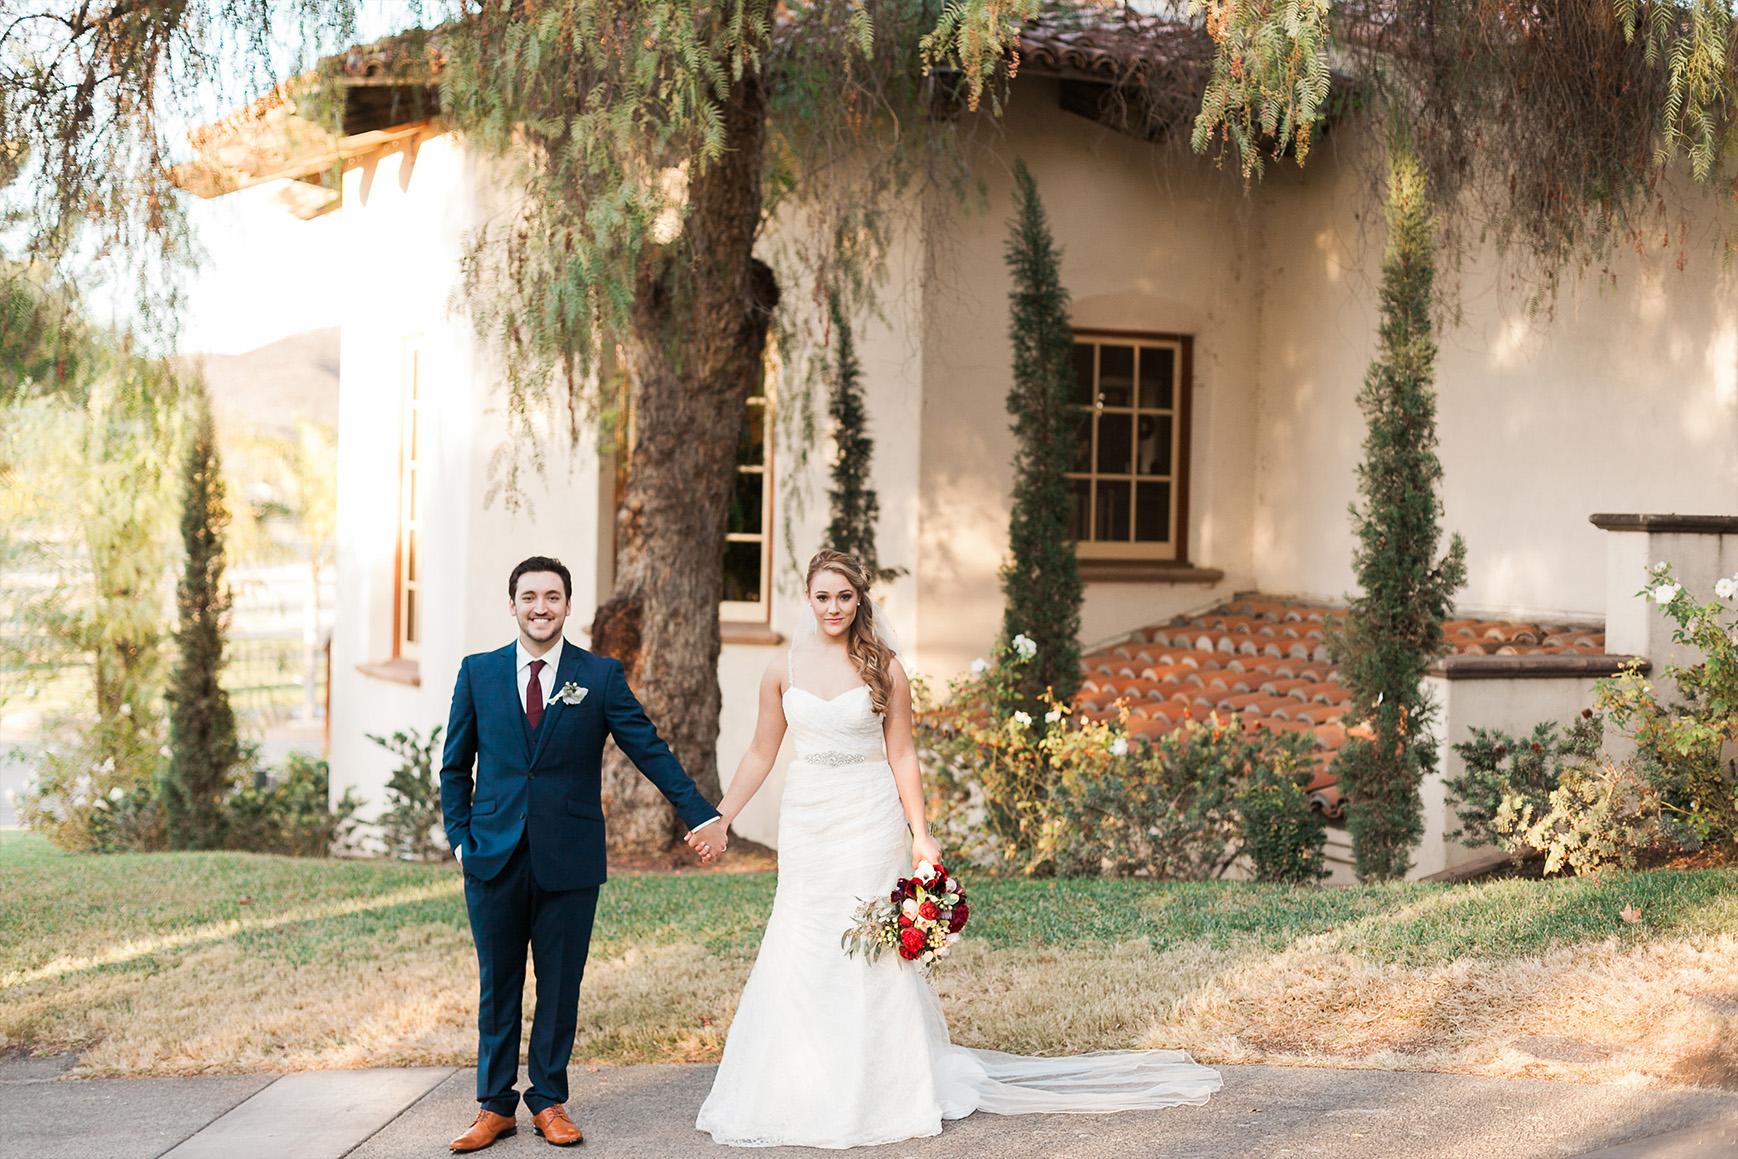 Exterior photo op - Menifee Lakes - Menifee, California - Riverside County - Wedgewood Weddings